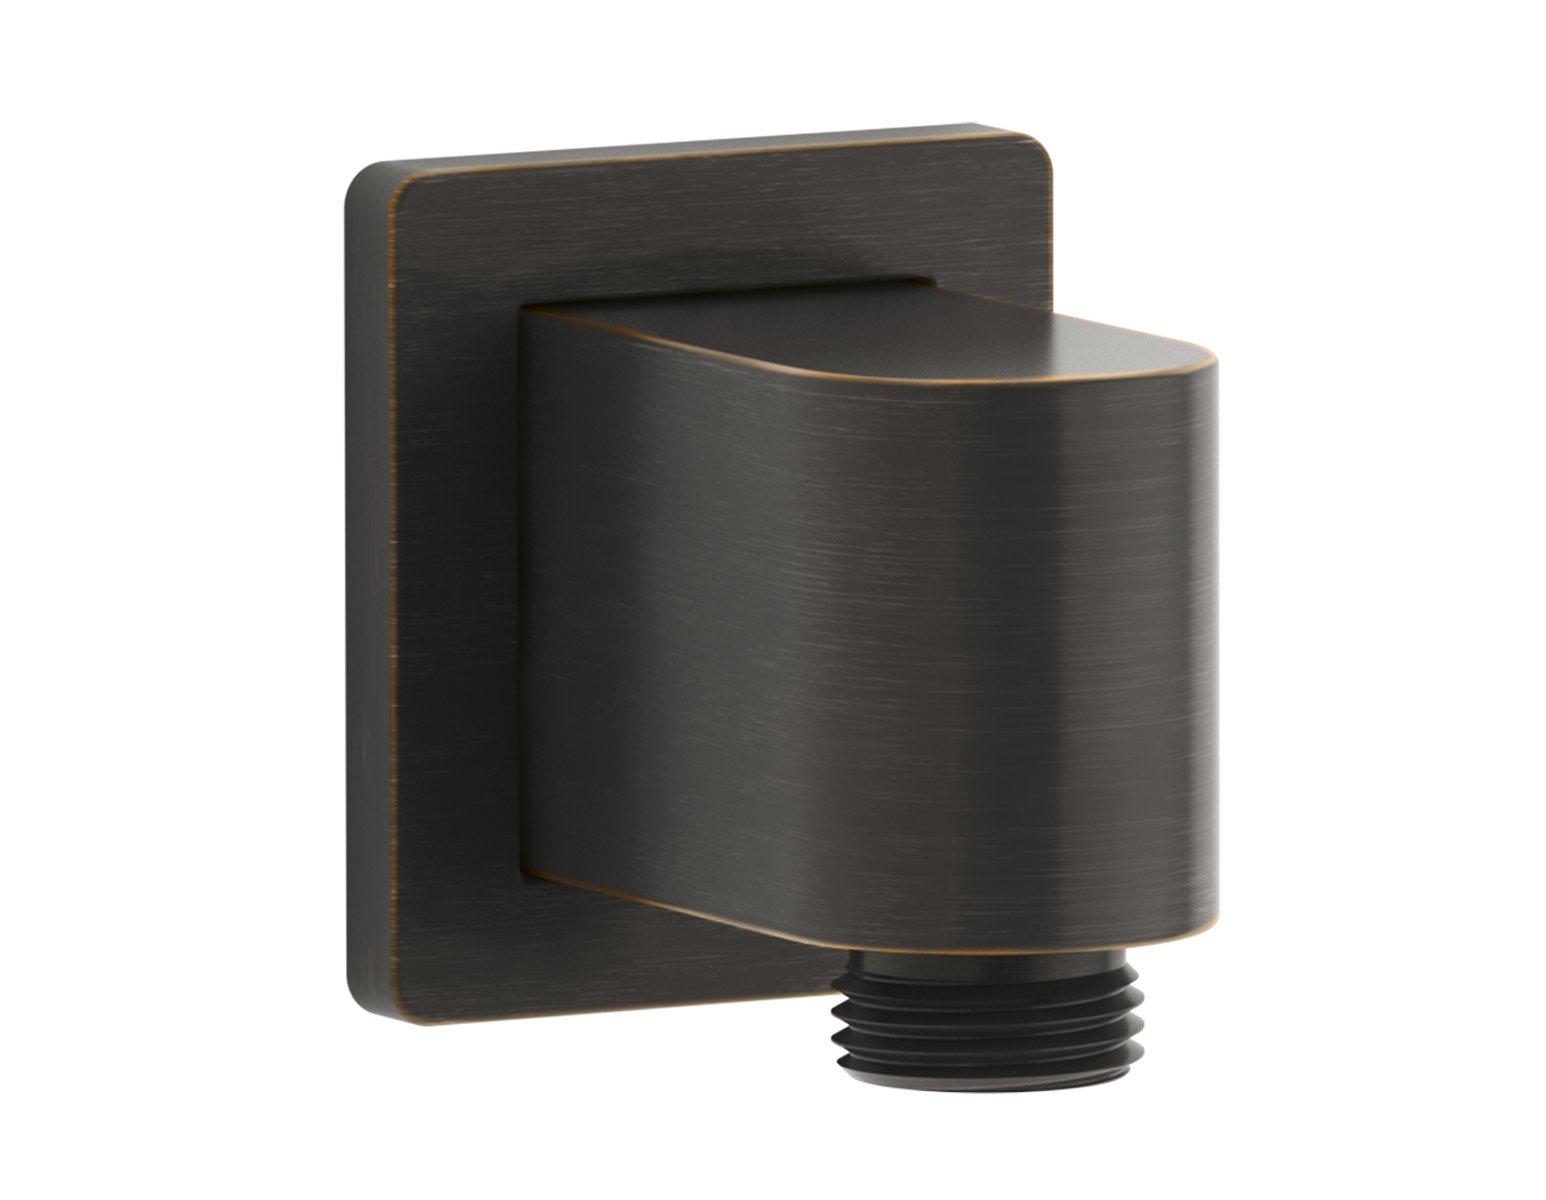 Kohler Awaken K-98351-2BZ Wall-MUNT Supply Elbow with Check Valve Oil-Rubbed Bronze by Kohler